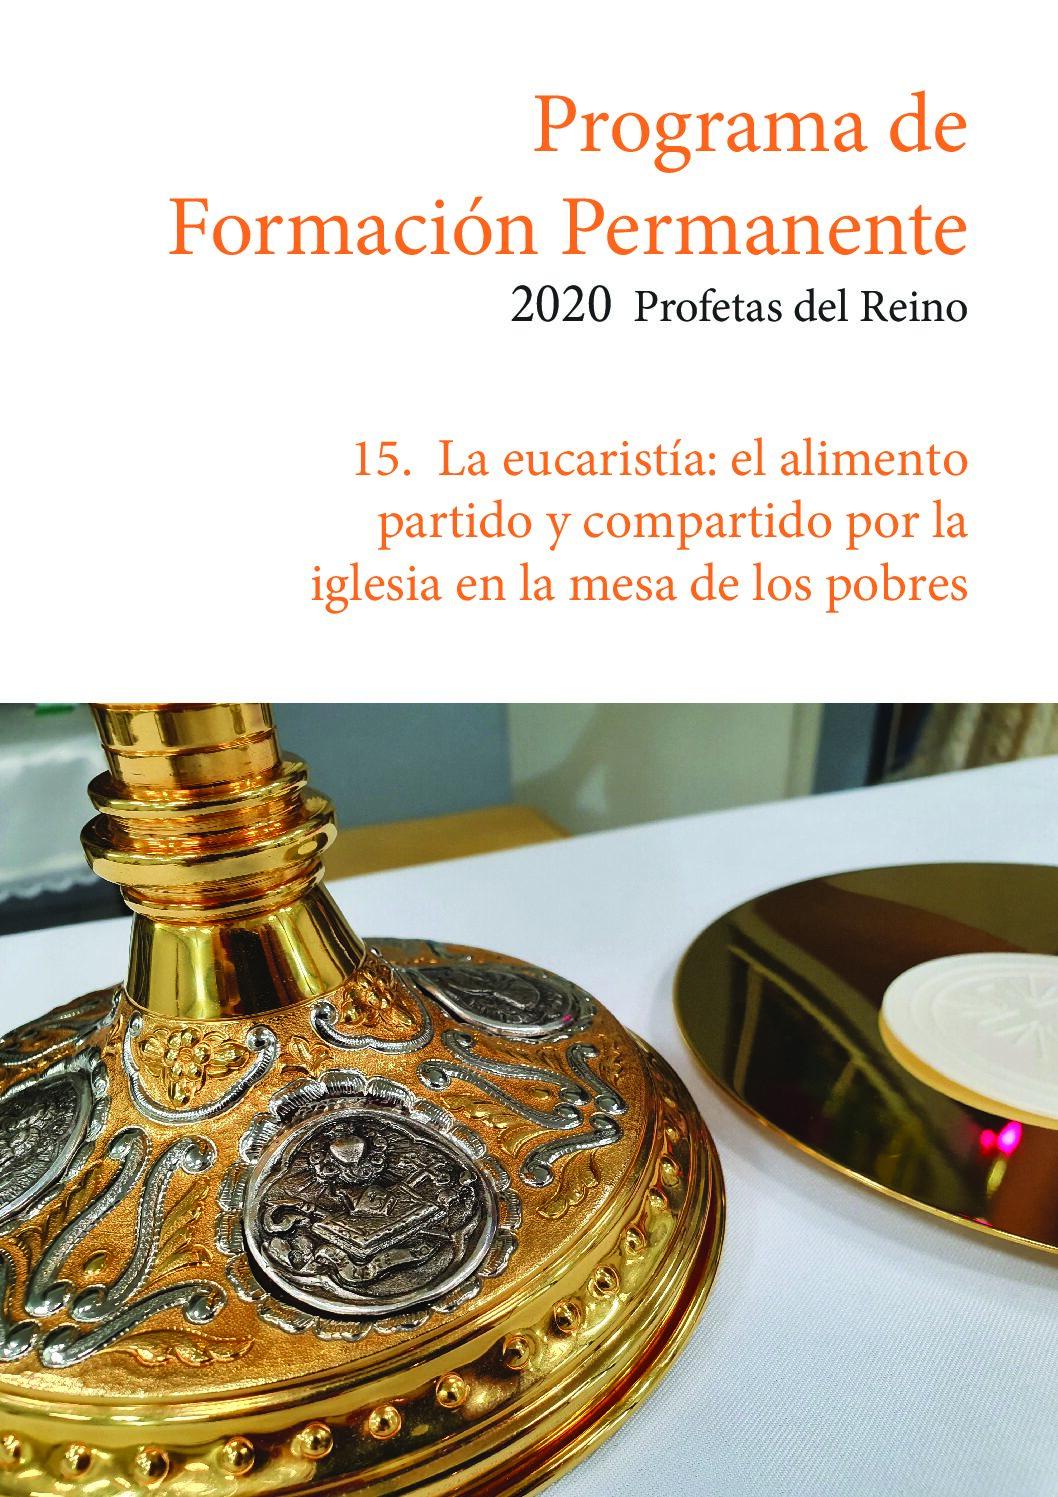 15.-La-eucaristia-alimento-en-la-mesa-de-los-pobres-pdf1.jpg